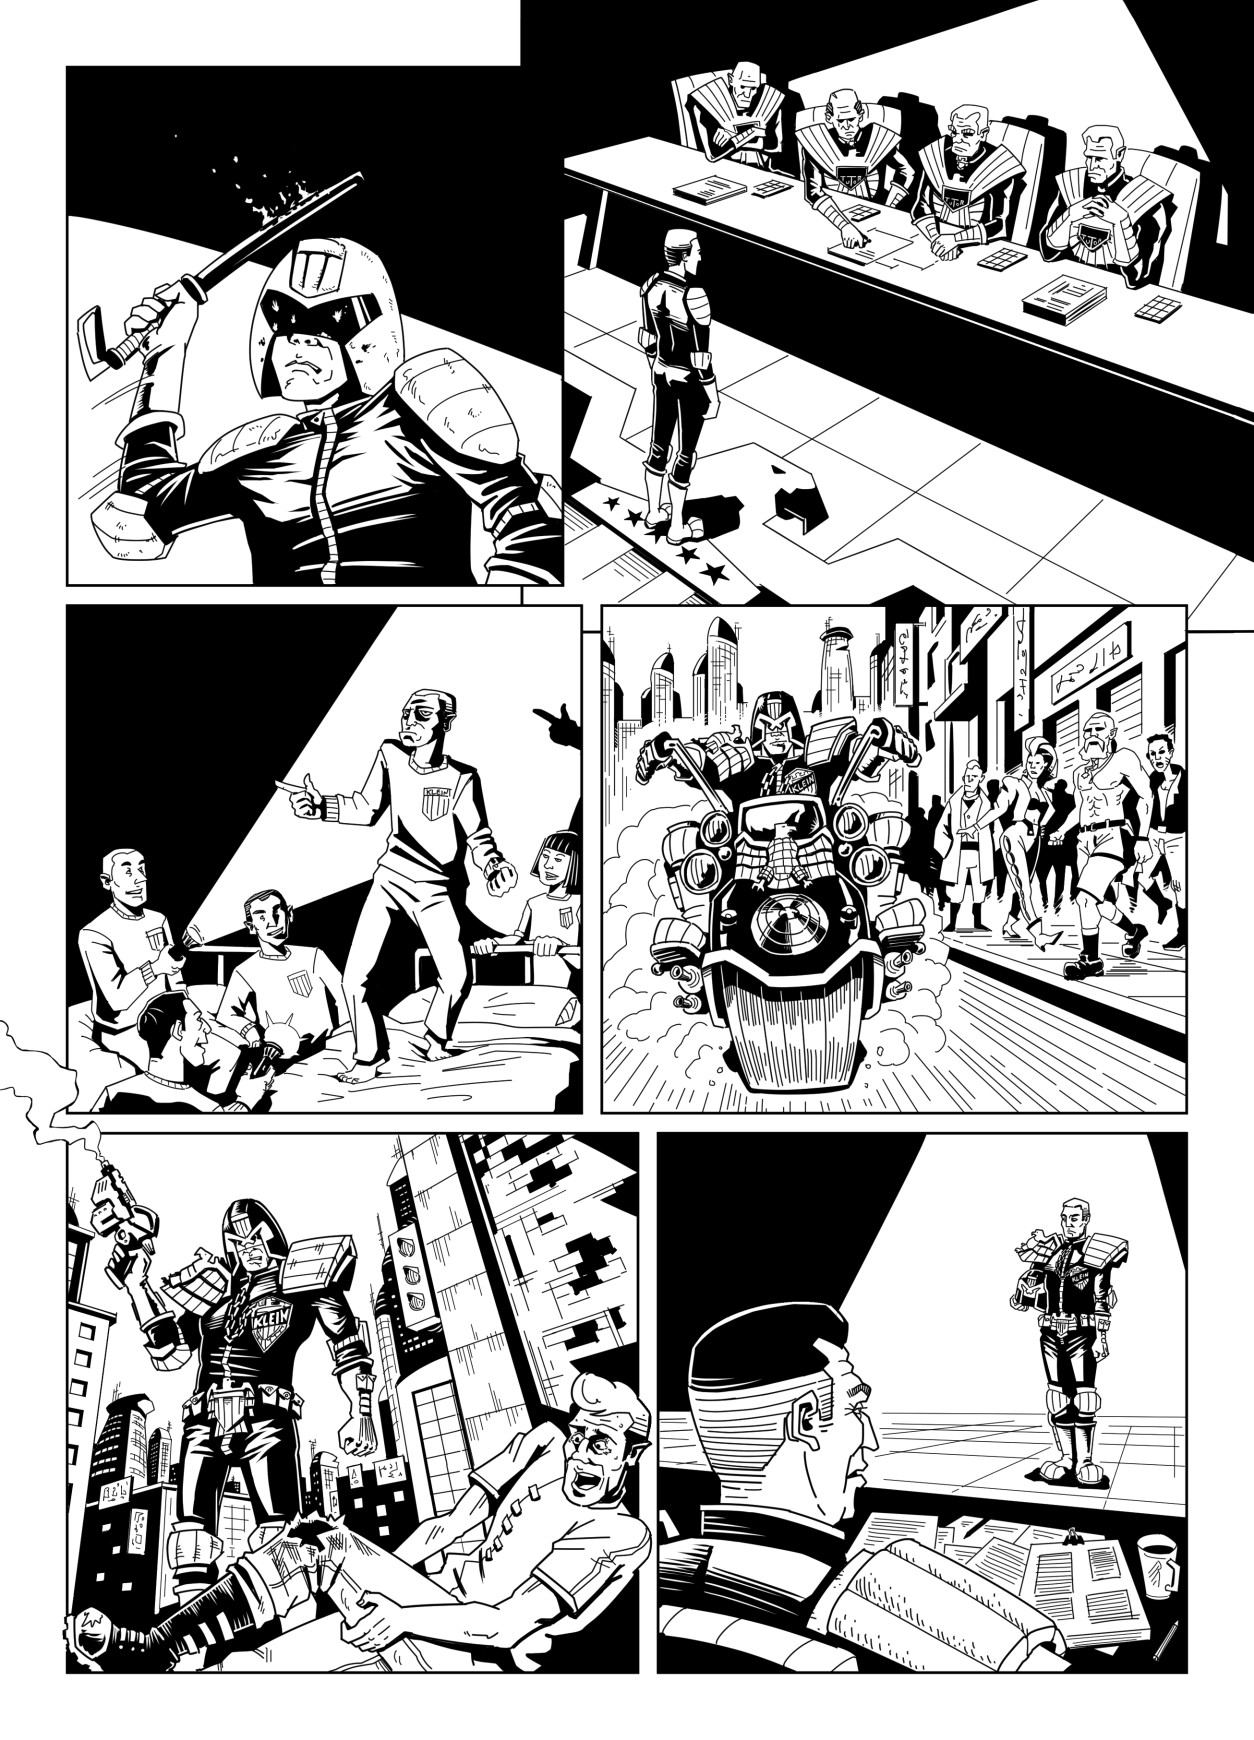 John ciarfuglia a4 page 3 no lett